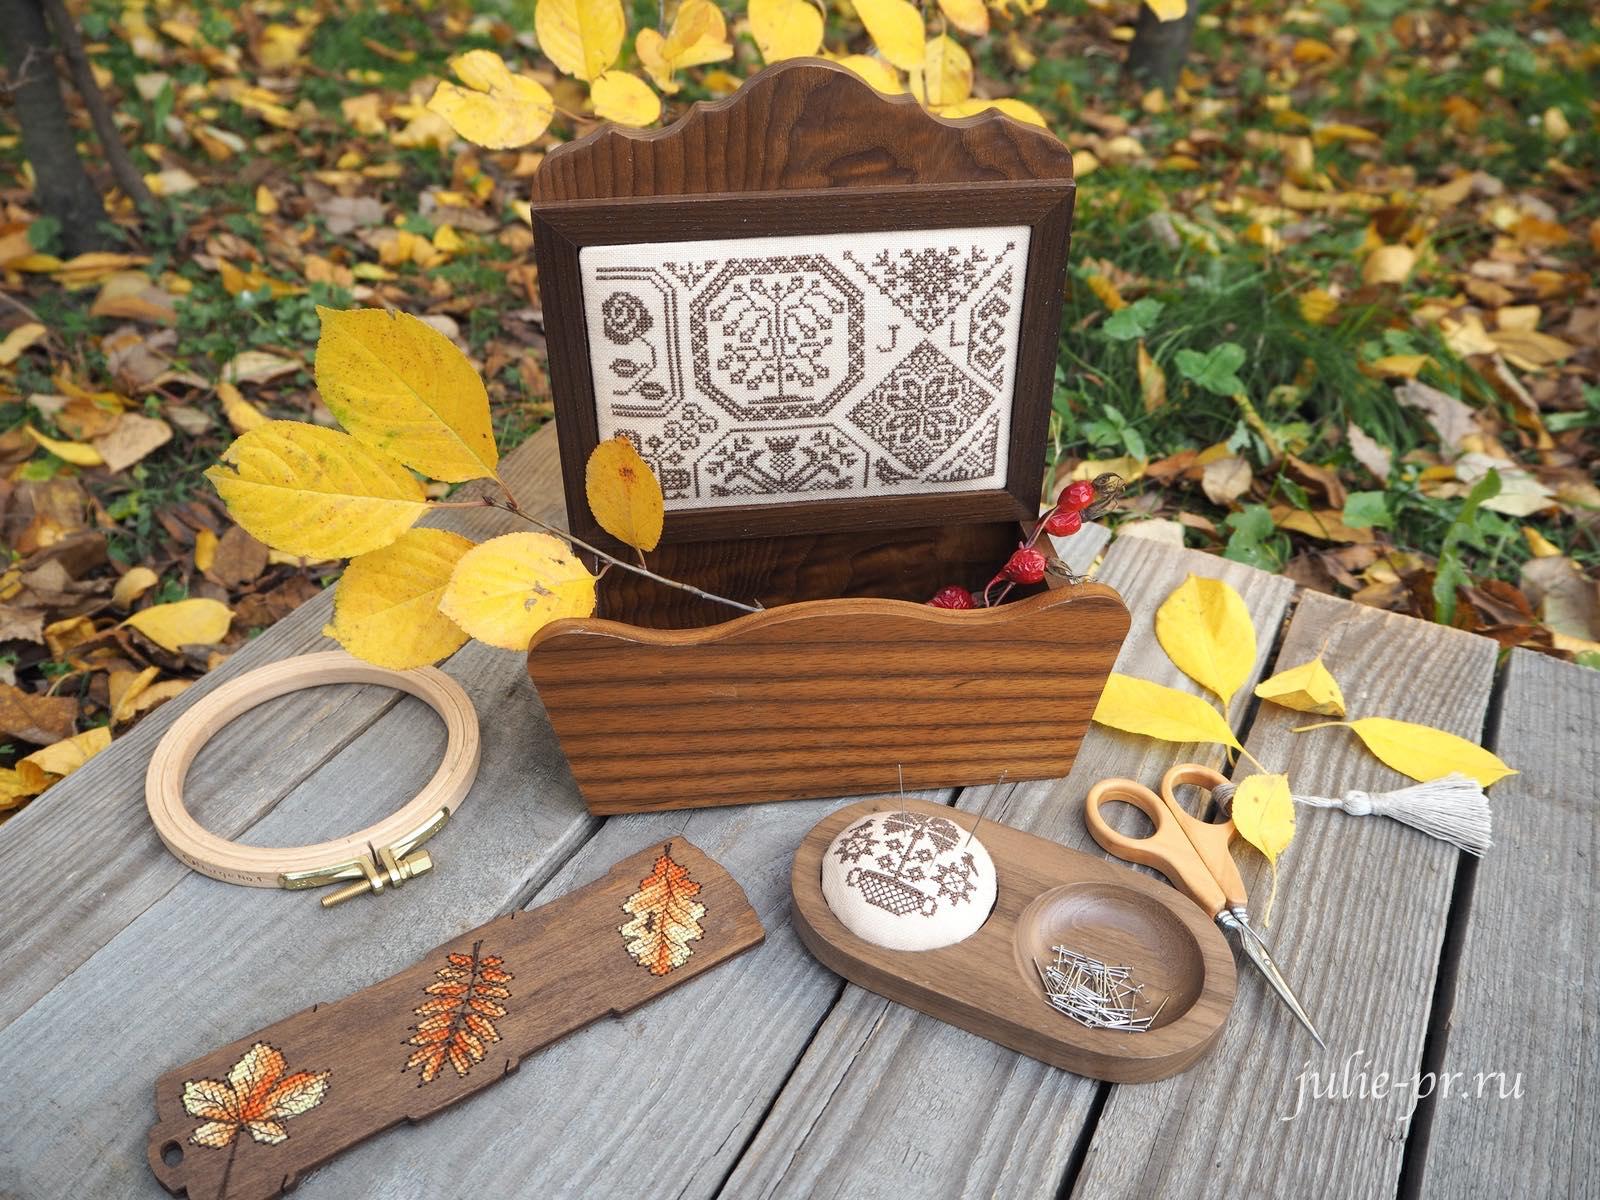 Plum street samplers, Quaker calendar V, вышивка крестом, примитив, квакер, Xiu Crafts, деревянная бобинка Колесниковой, Gazette94, Quaker